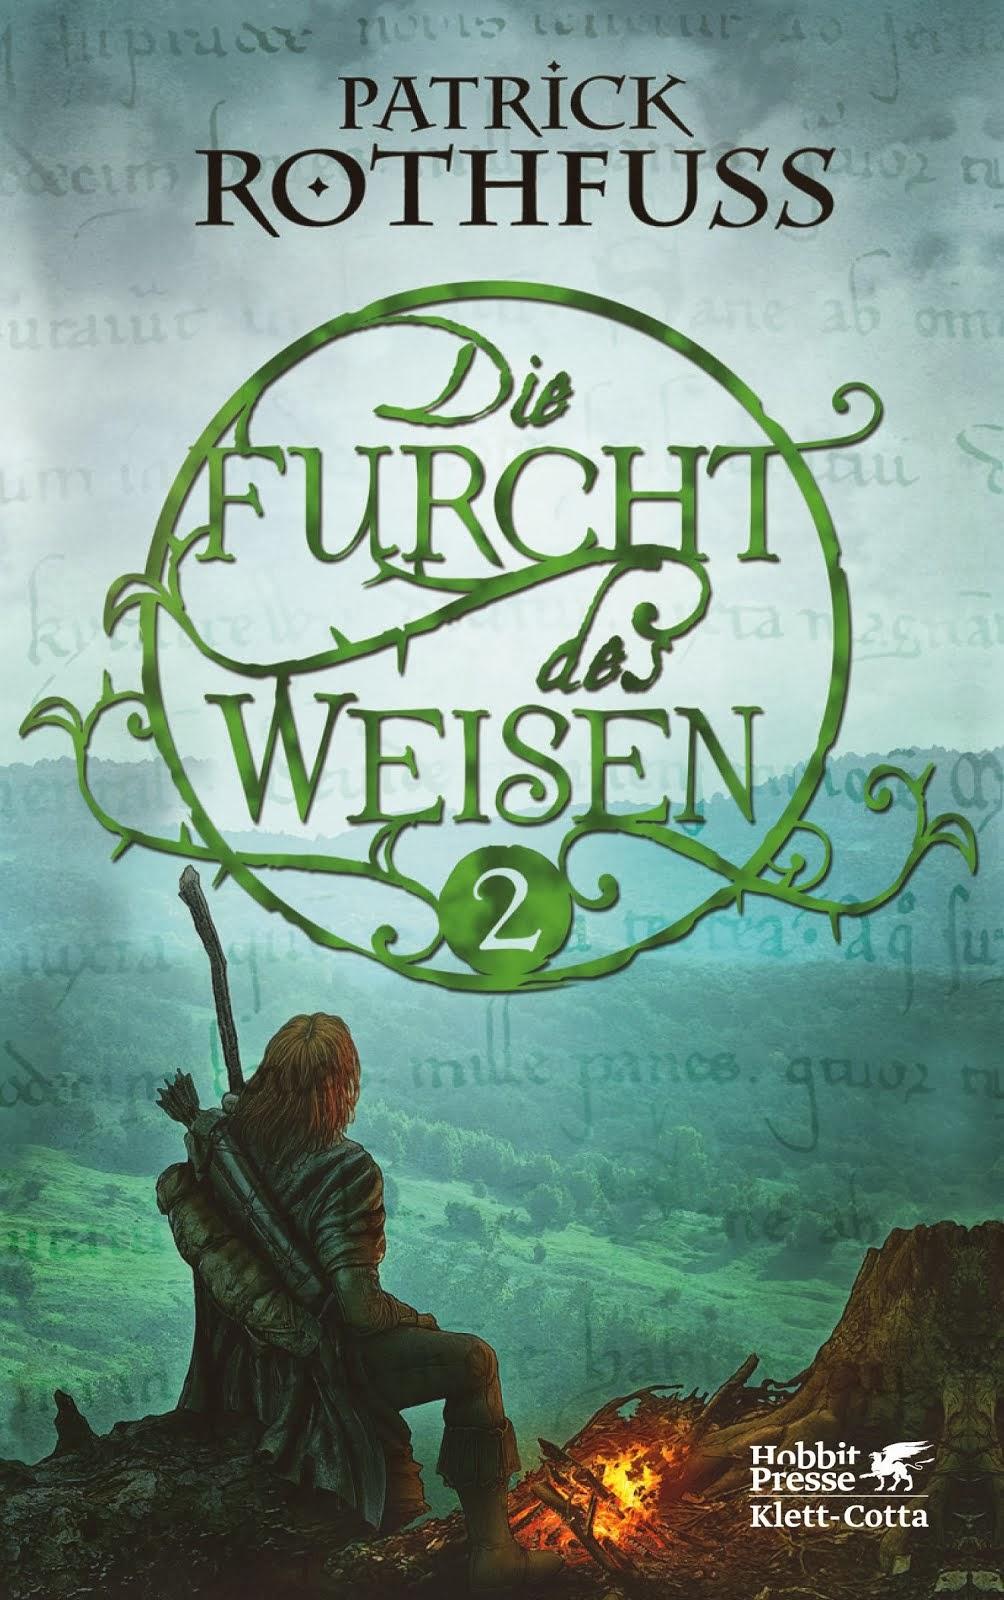 http://buchesser.blogspot.de/2014/01/die-furcht-des-weisen-teil-2-von.html